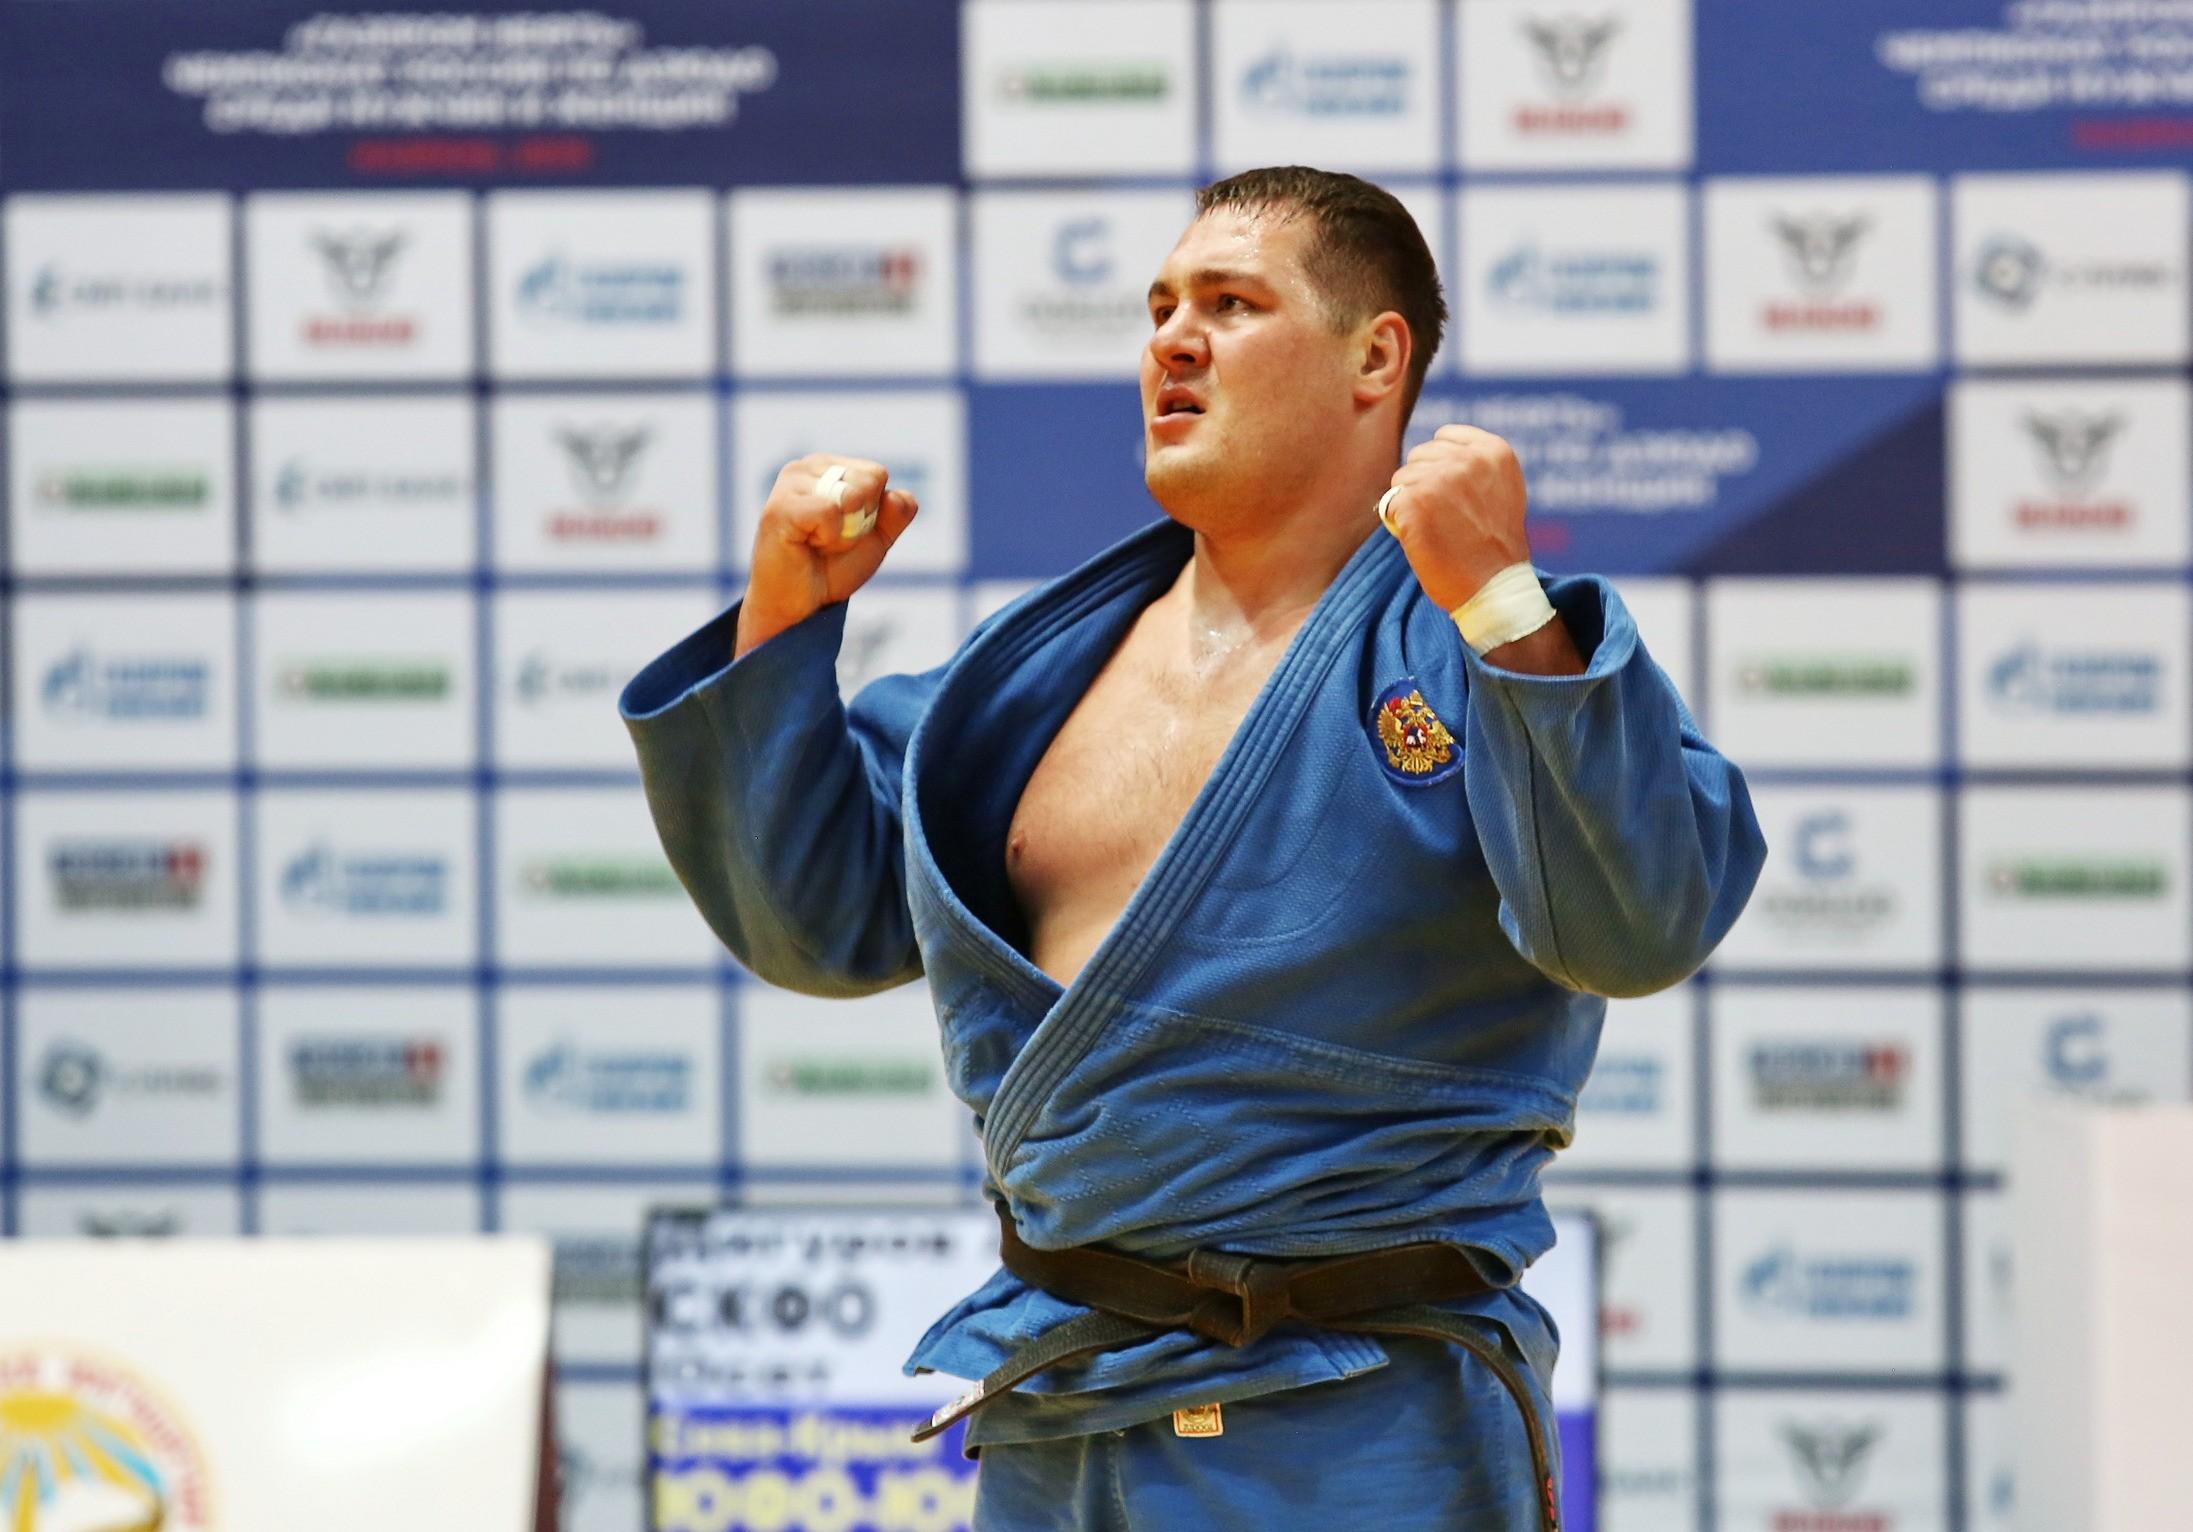 Севастополец Антон Брачев стал чемпионом России по дзюдо!